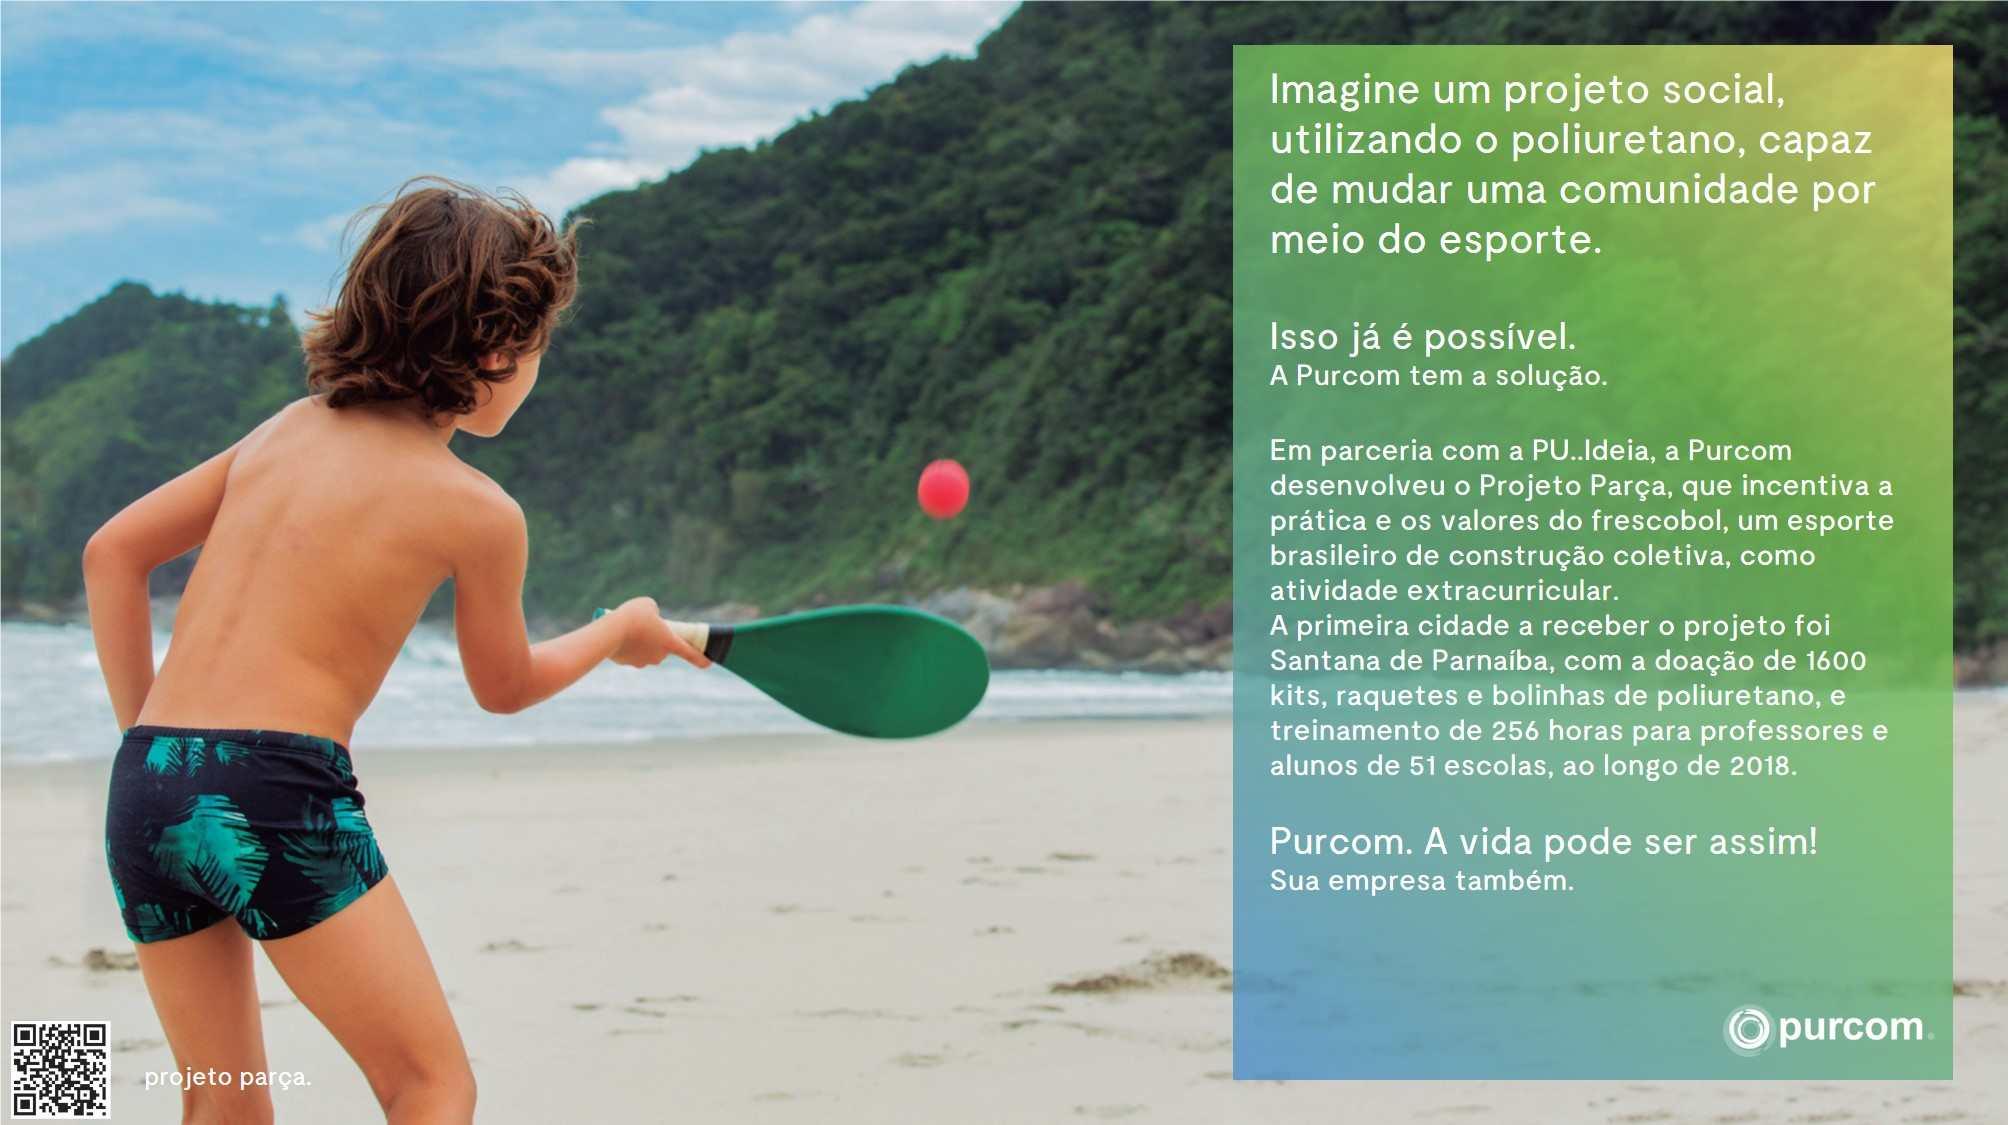 Projeto social, utilizando o poliuretano, capaz de mudar uma comunidade por meio do esporte